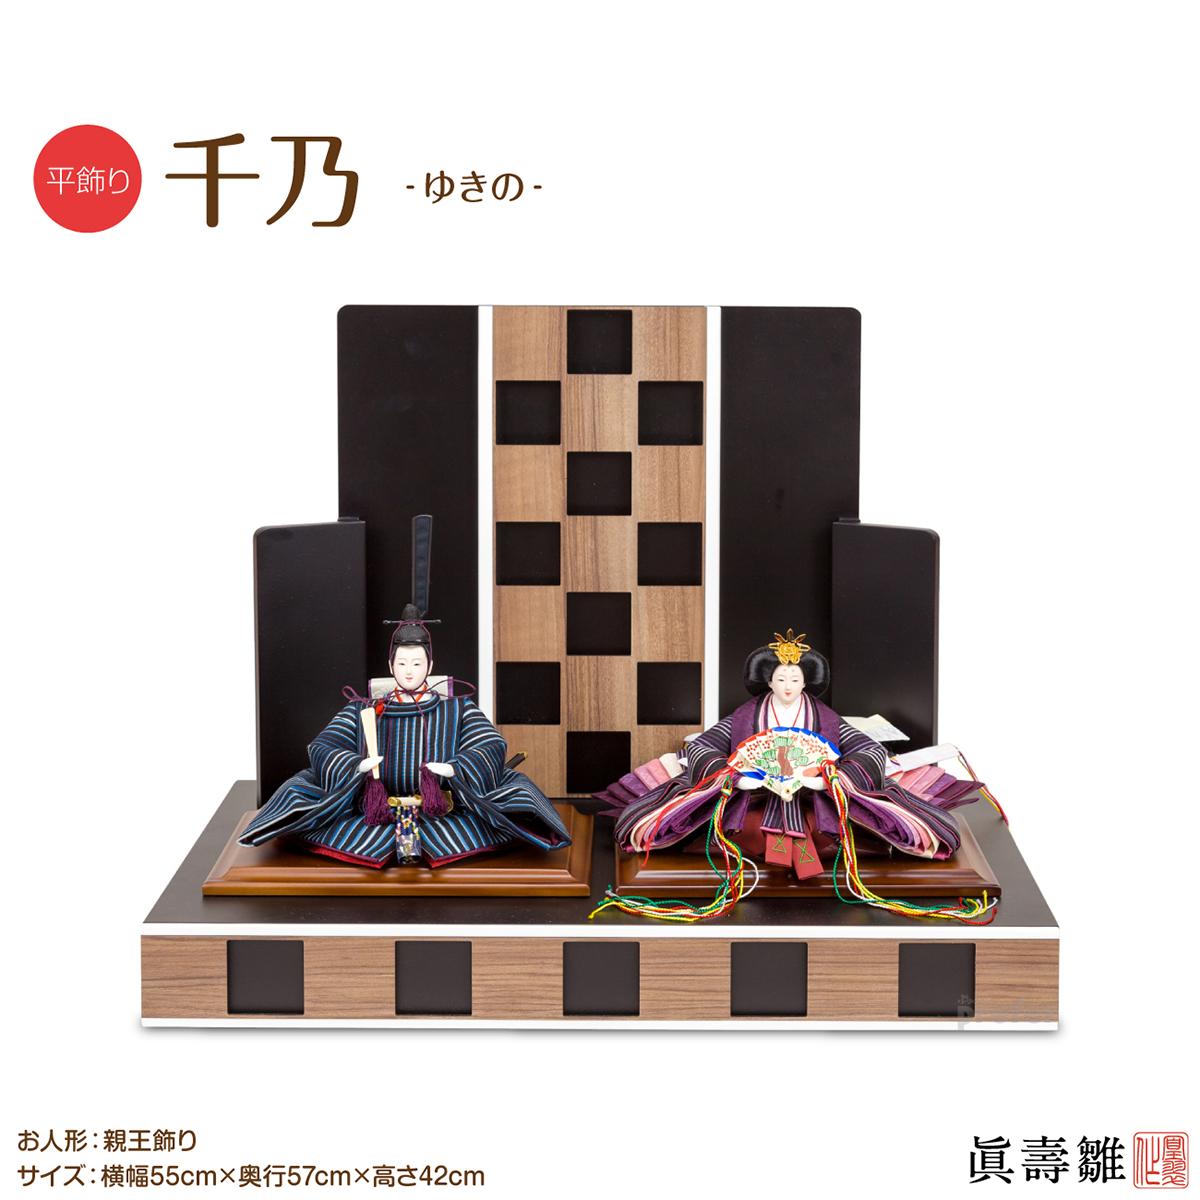 雛人形 ひな人形 眞壽雛 千乃(ゆきの) 平飾り おひな様 ひな祭り